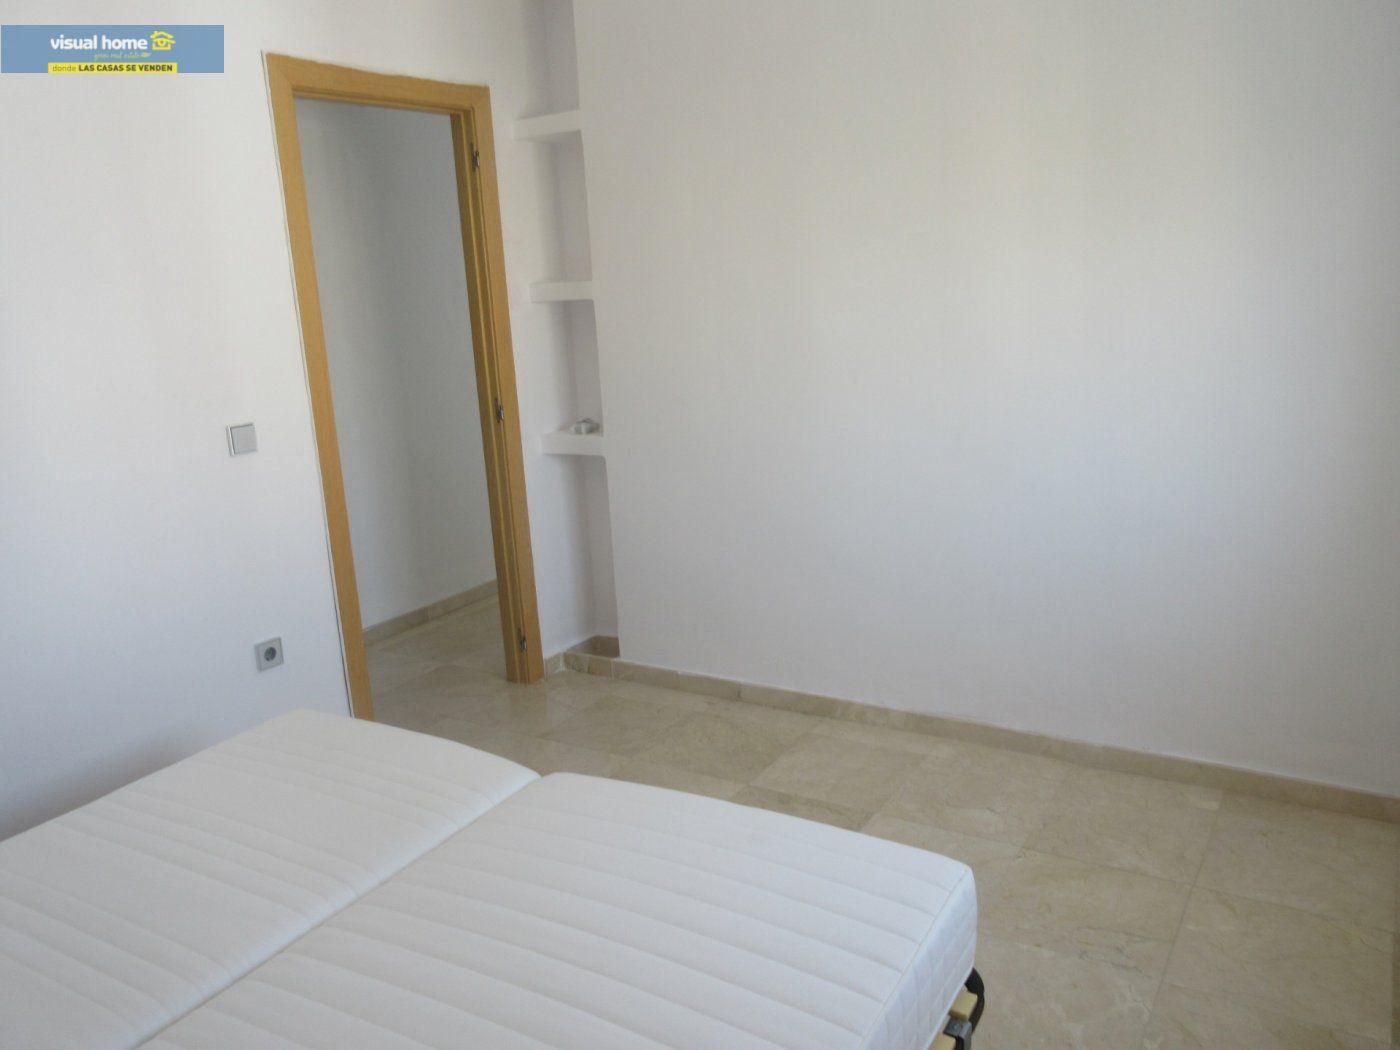 Apartamento de 1 dormitorio con espectaculares vistas  en 1ª linea de playa con parking y piscina 18